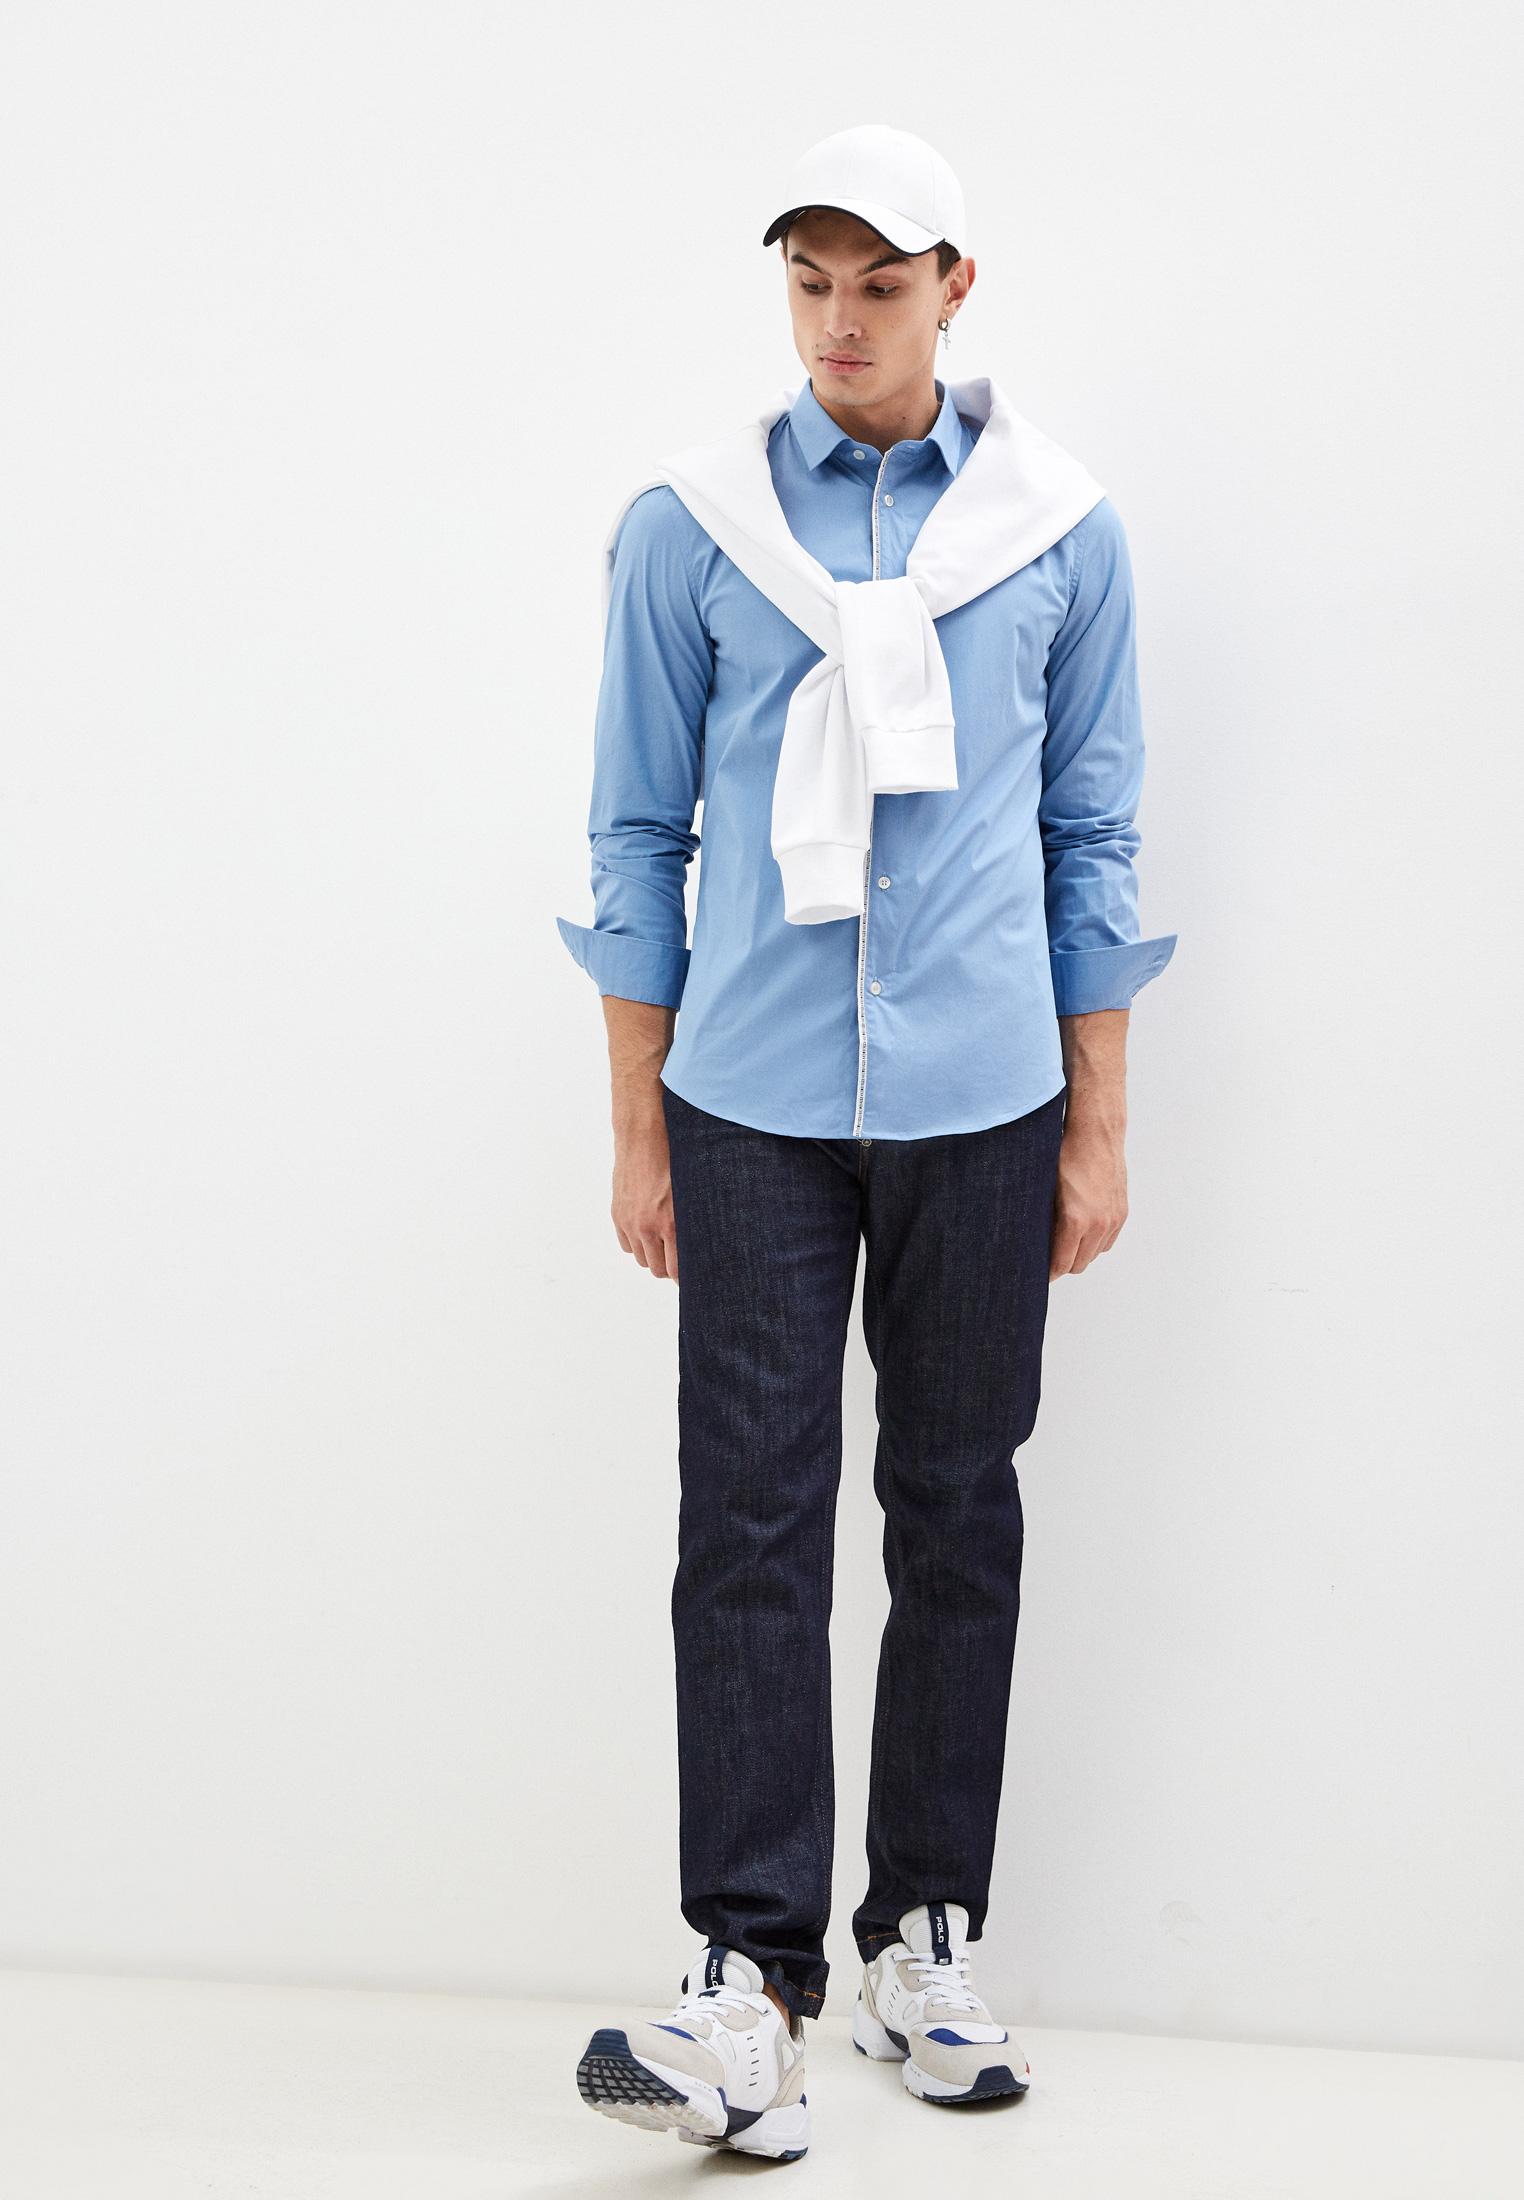 Рубашка с длинным рукавом Bikkembergs (Биккембергс) C C 072 00 S 2931: изображение 3